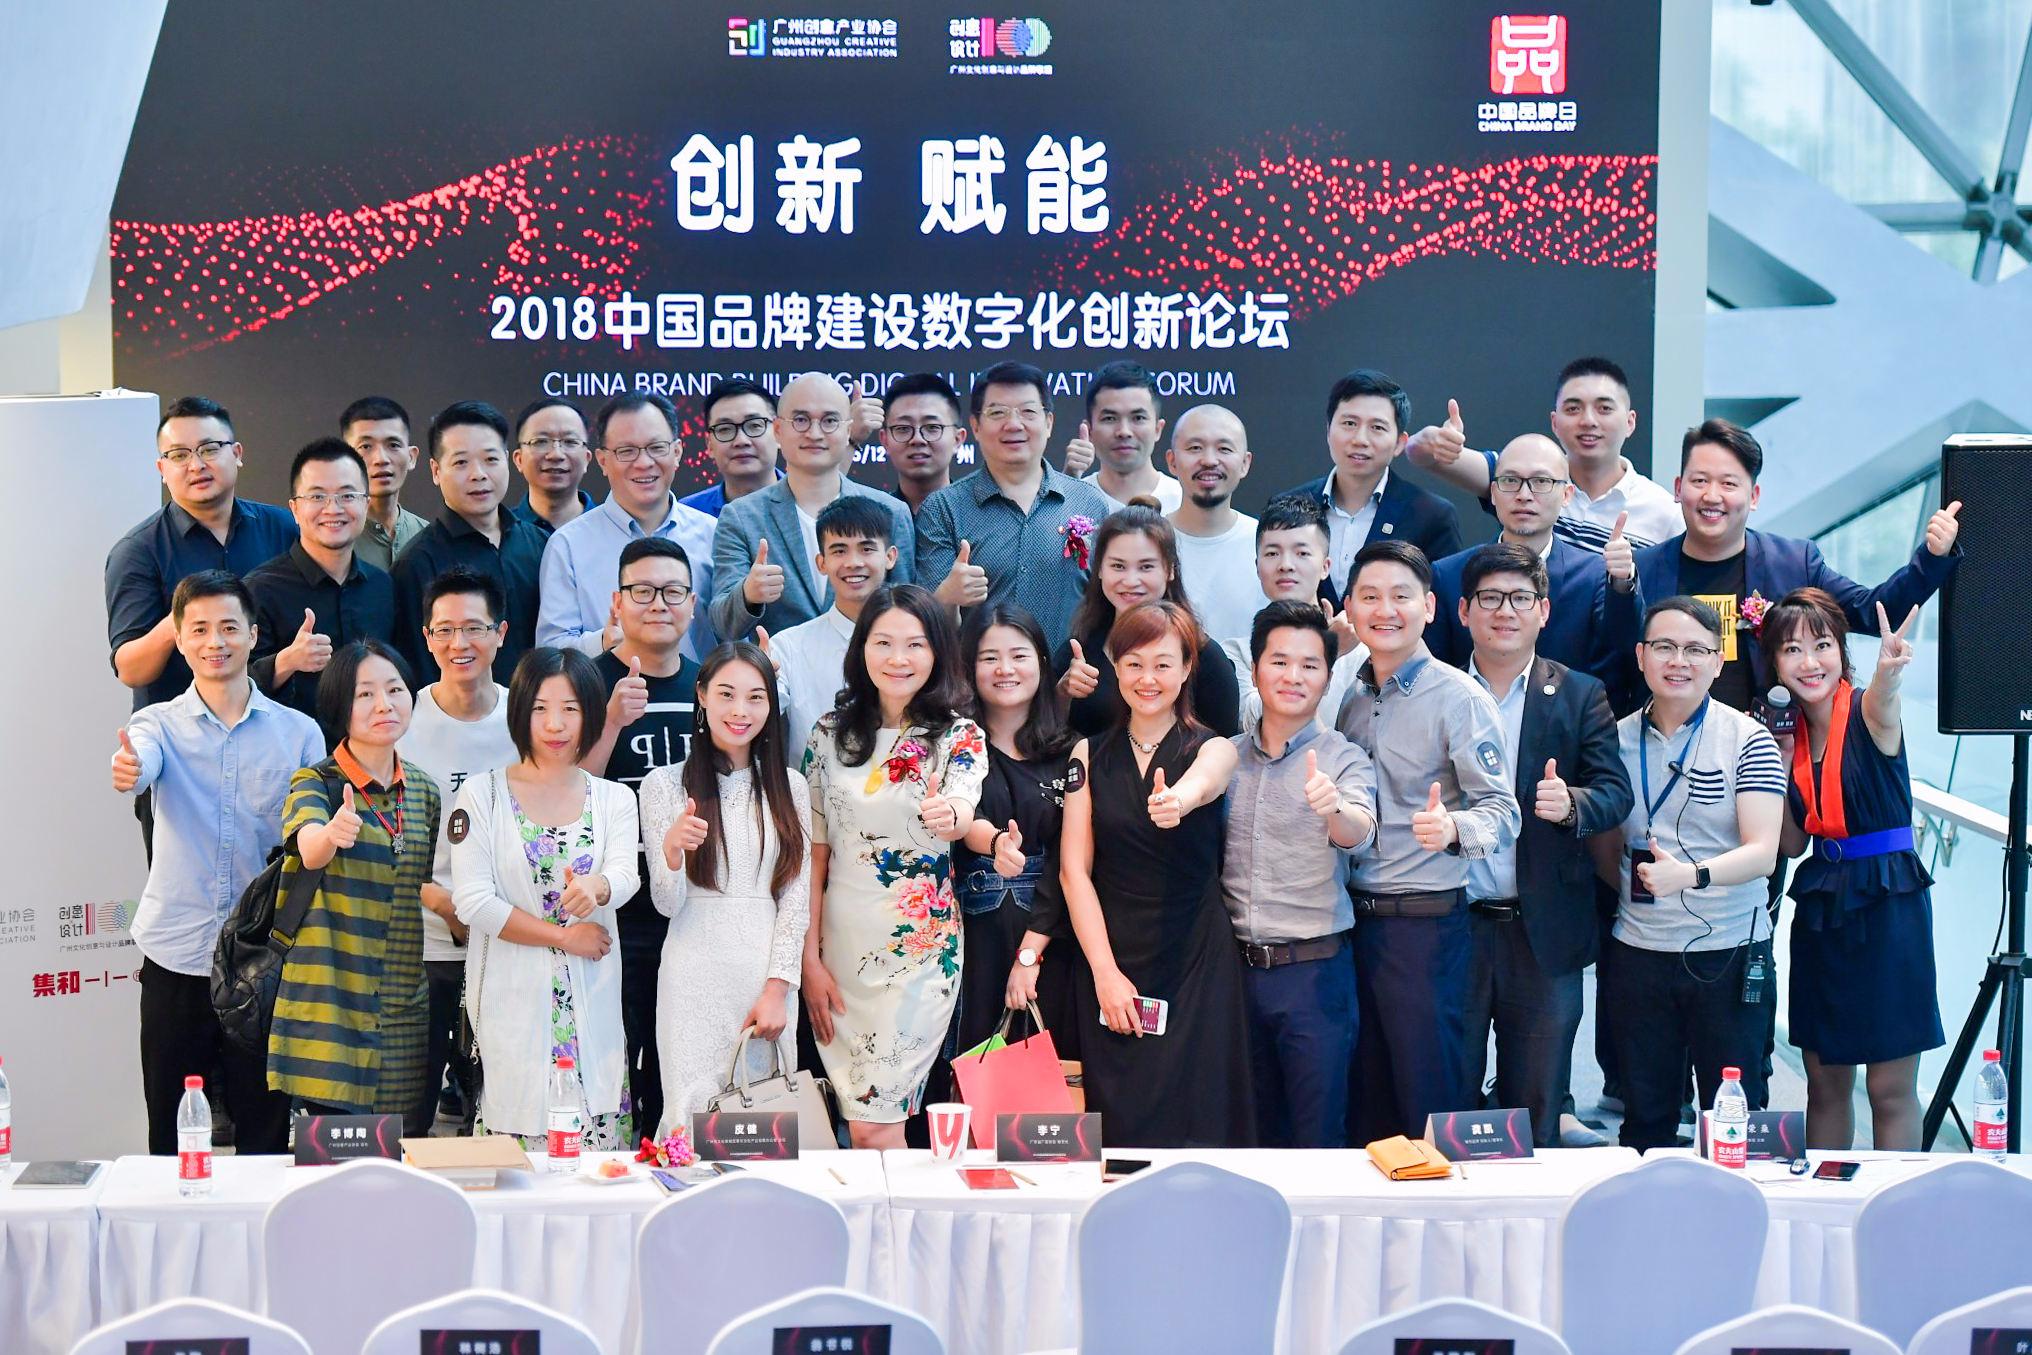 2018中国品牌建设互联网创新论坛在广州召开 集和品牌